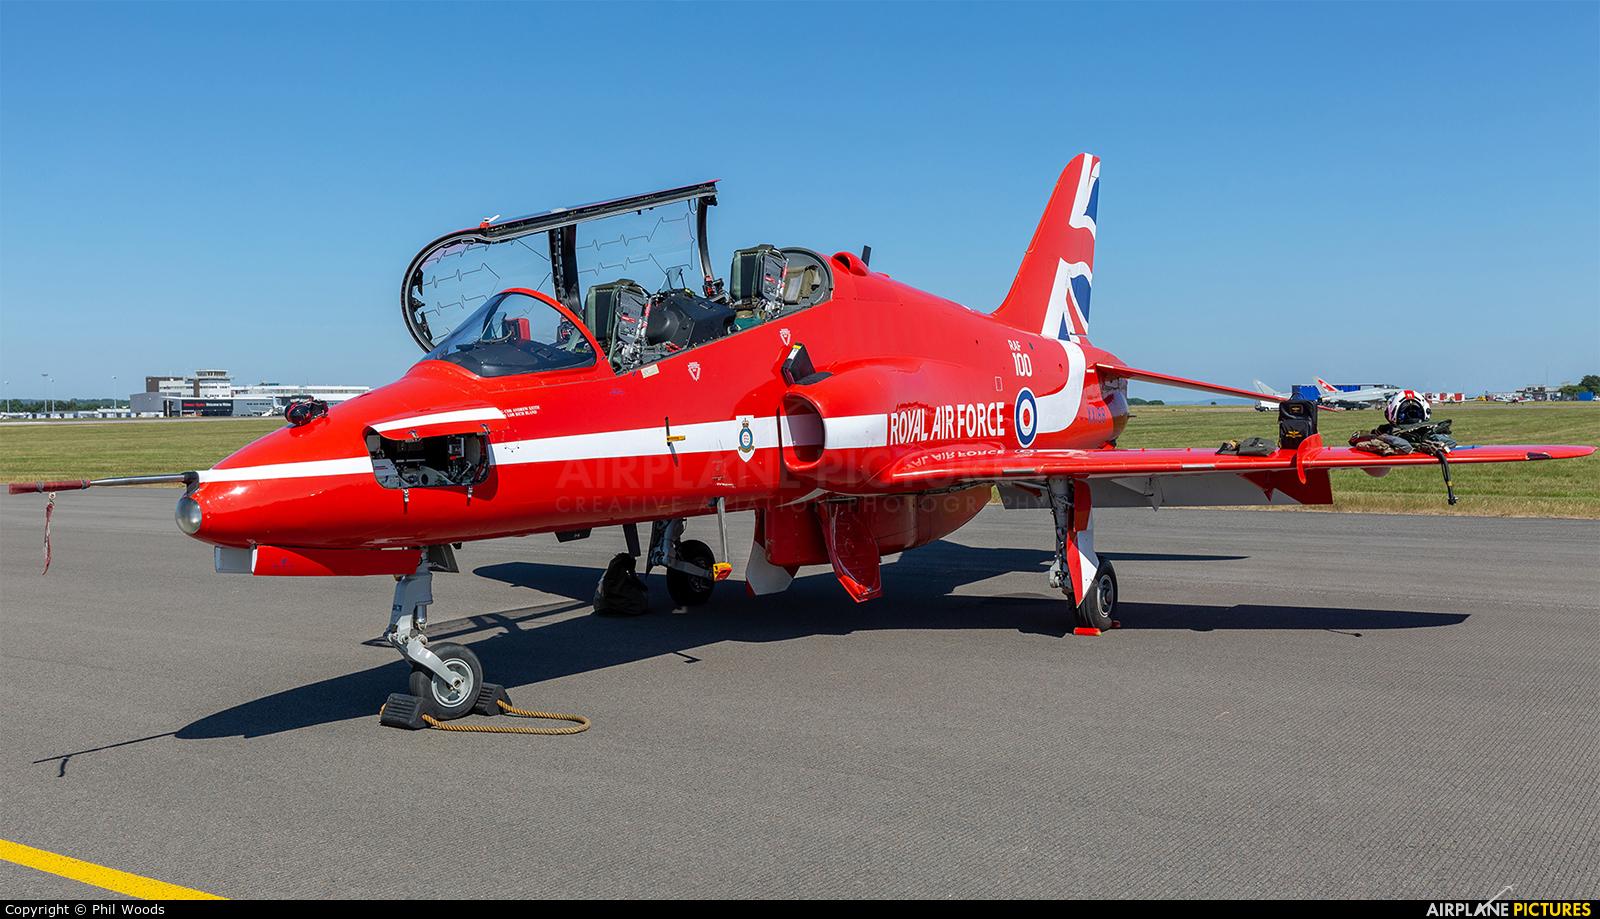 Royal Air Force XX188 aircraft at Cardiff